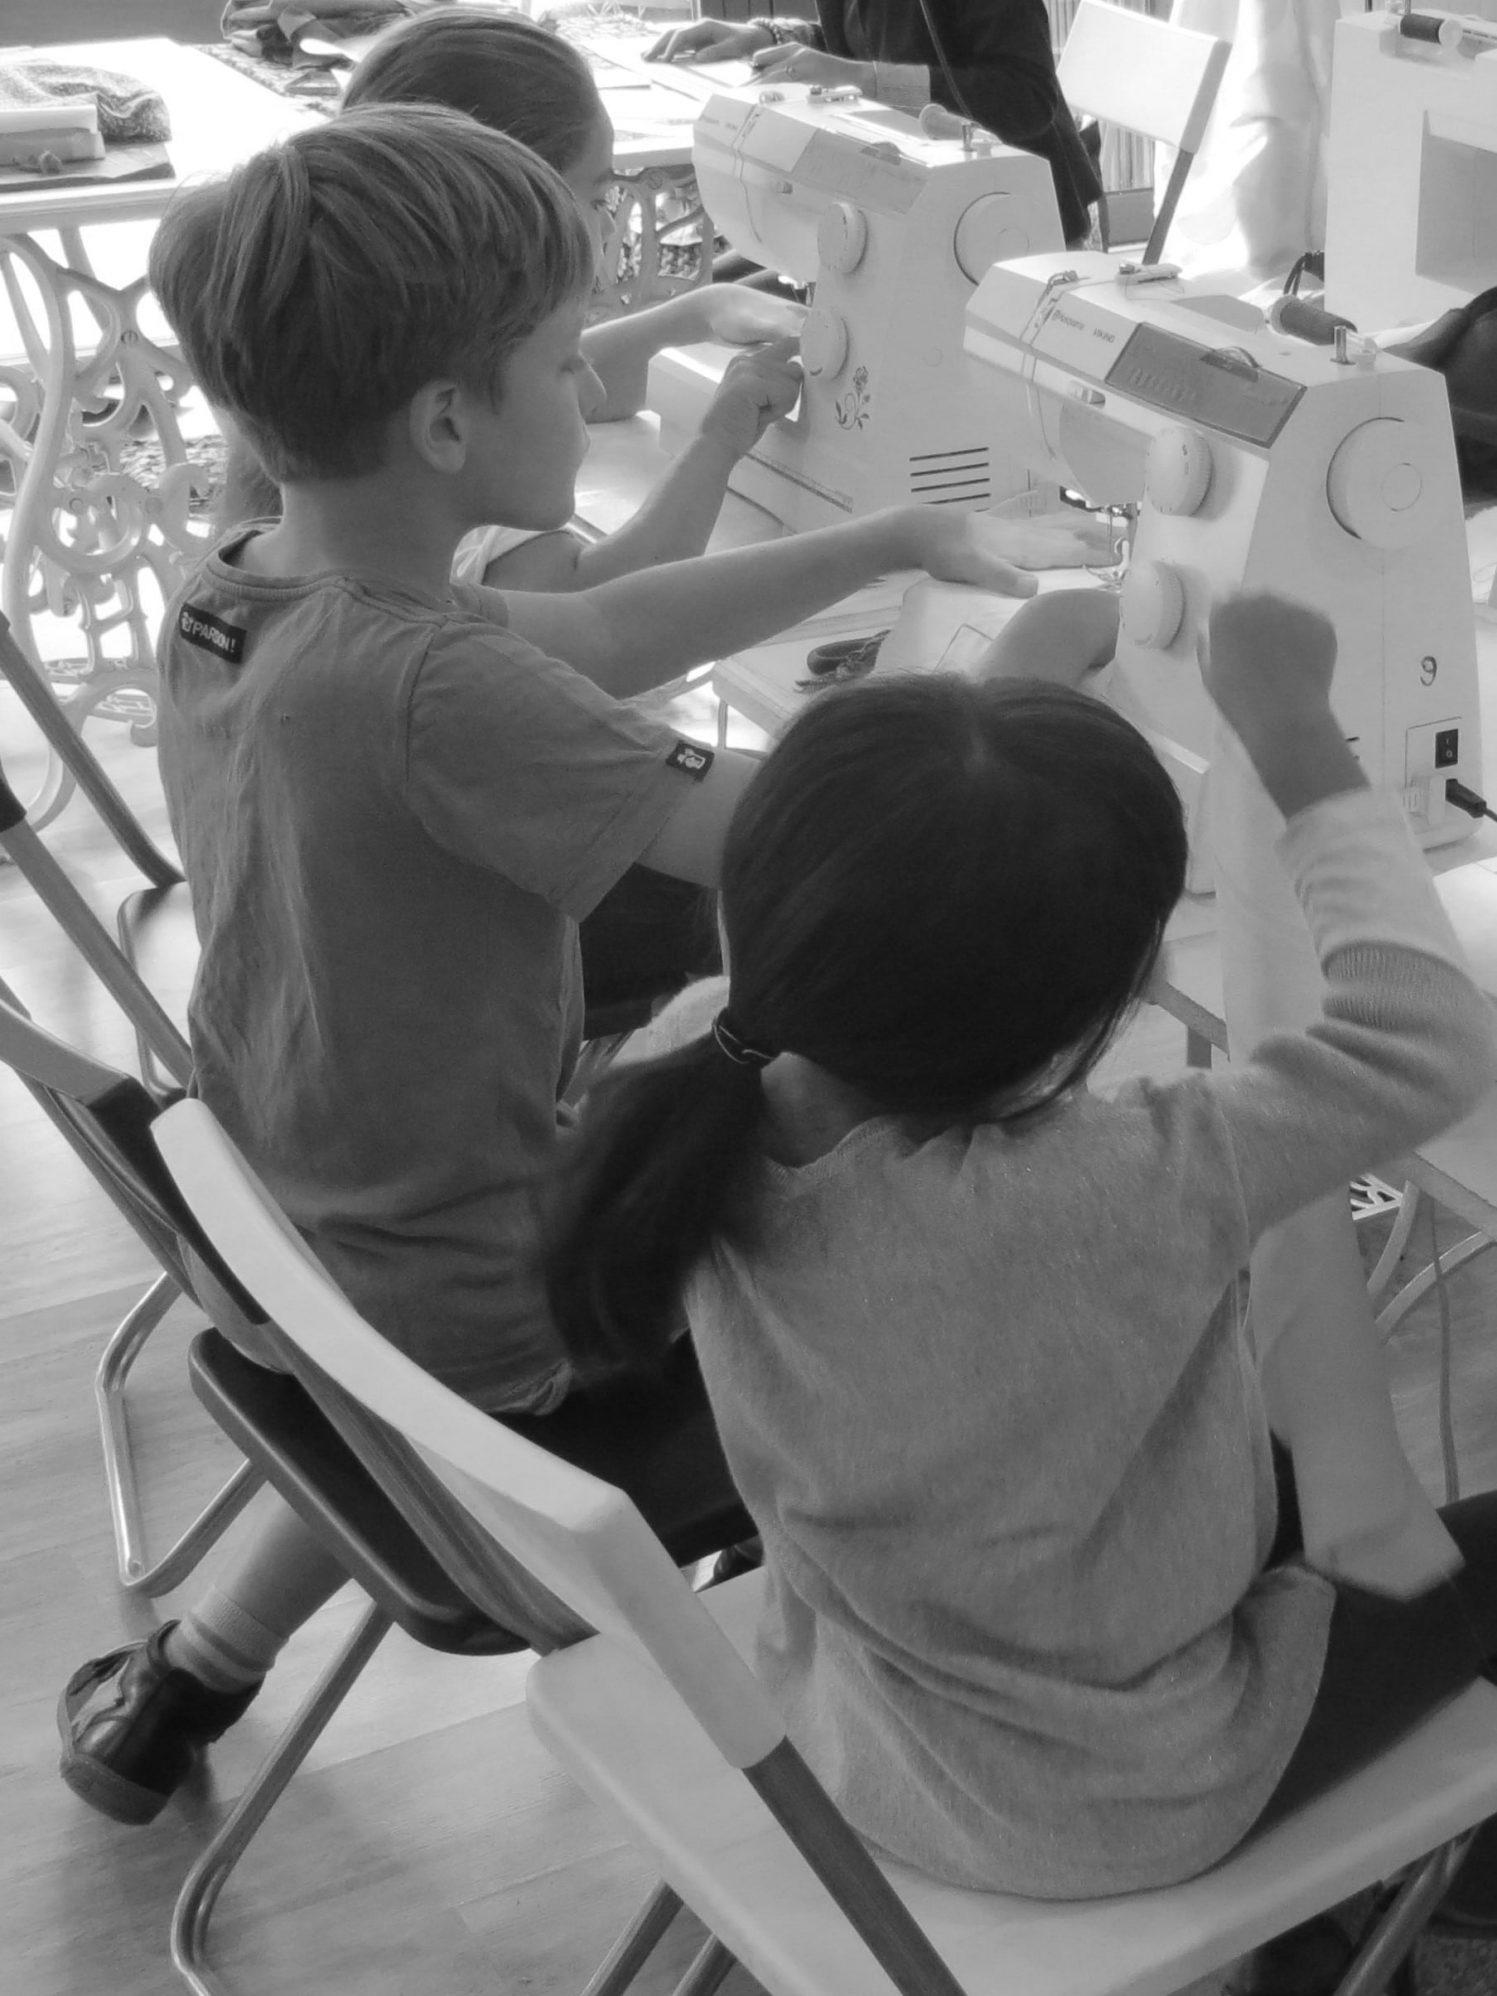 Les enfants devant les machines à coudre